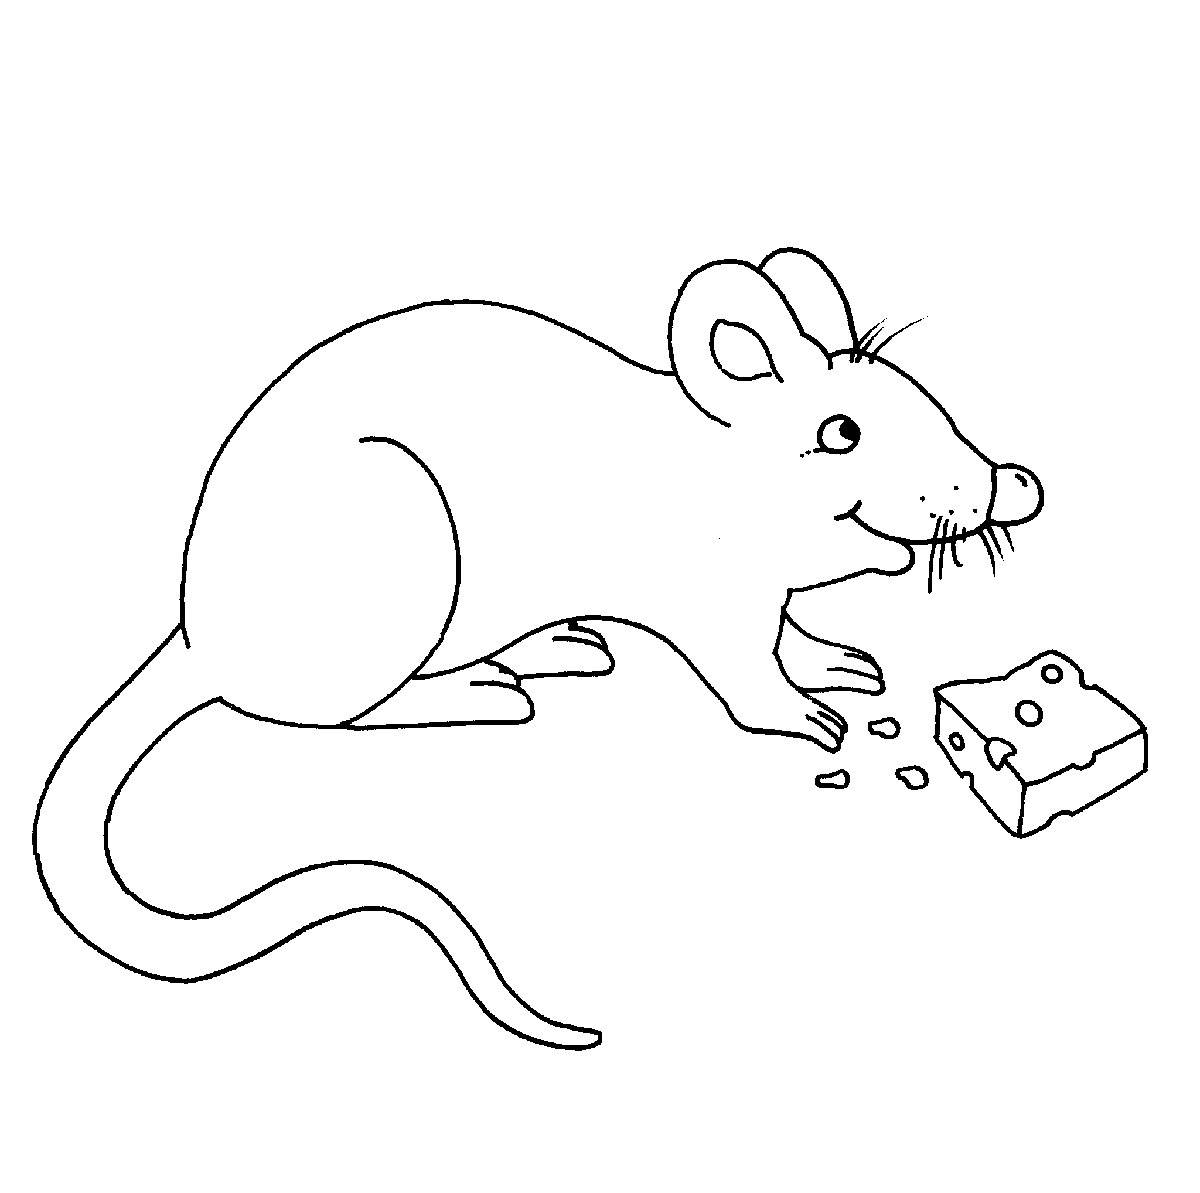 Das Beste Von Ausmalbild Maus Kostenlos | Top Kostenlos ...